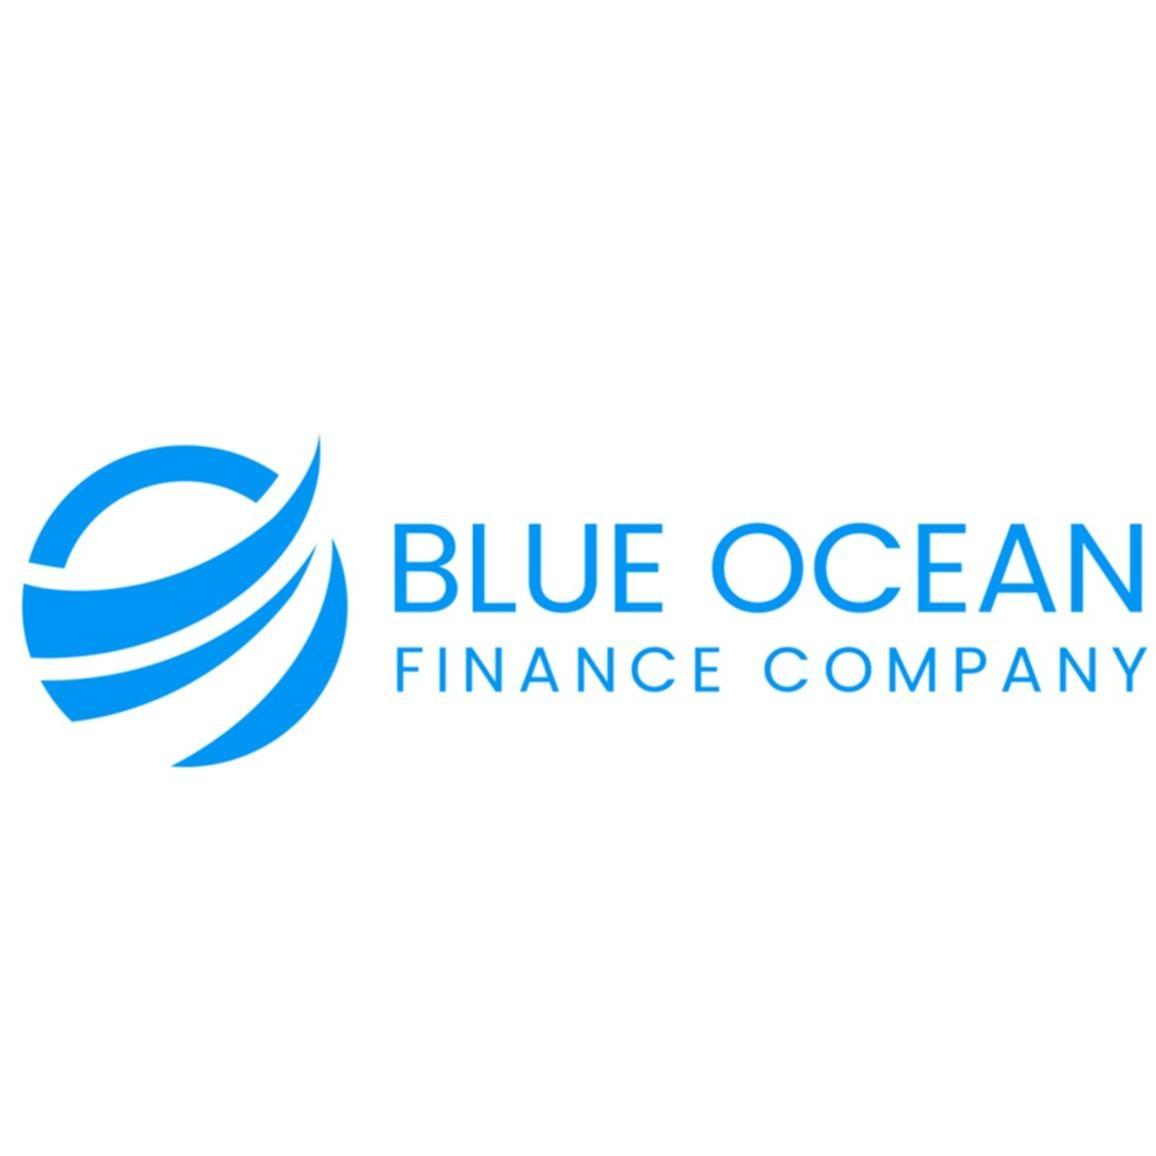 Blue Ocean Finance Company